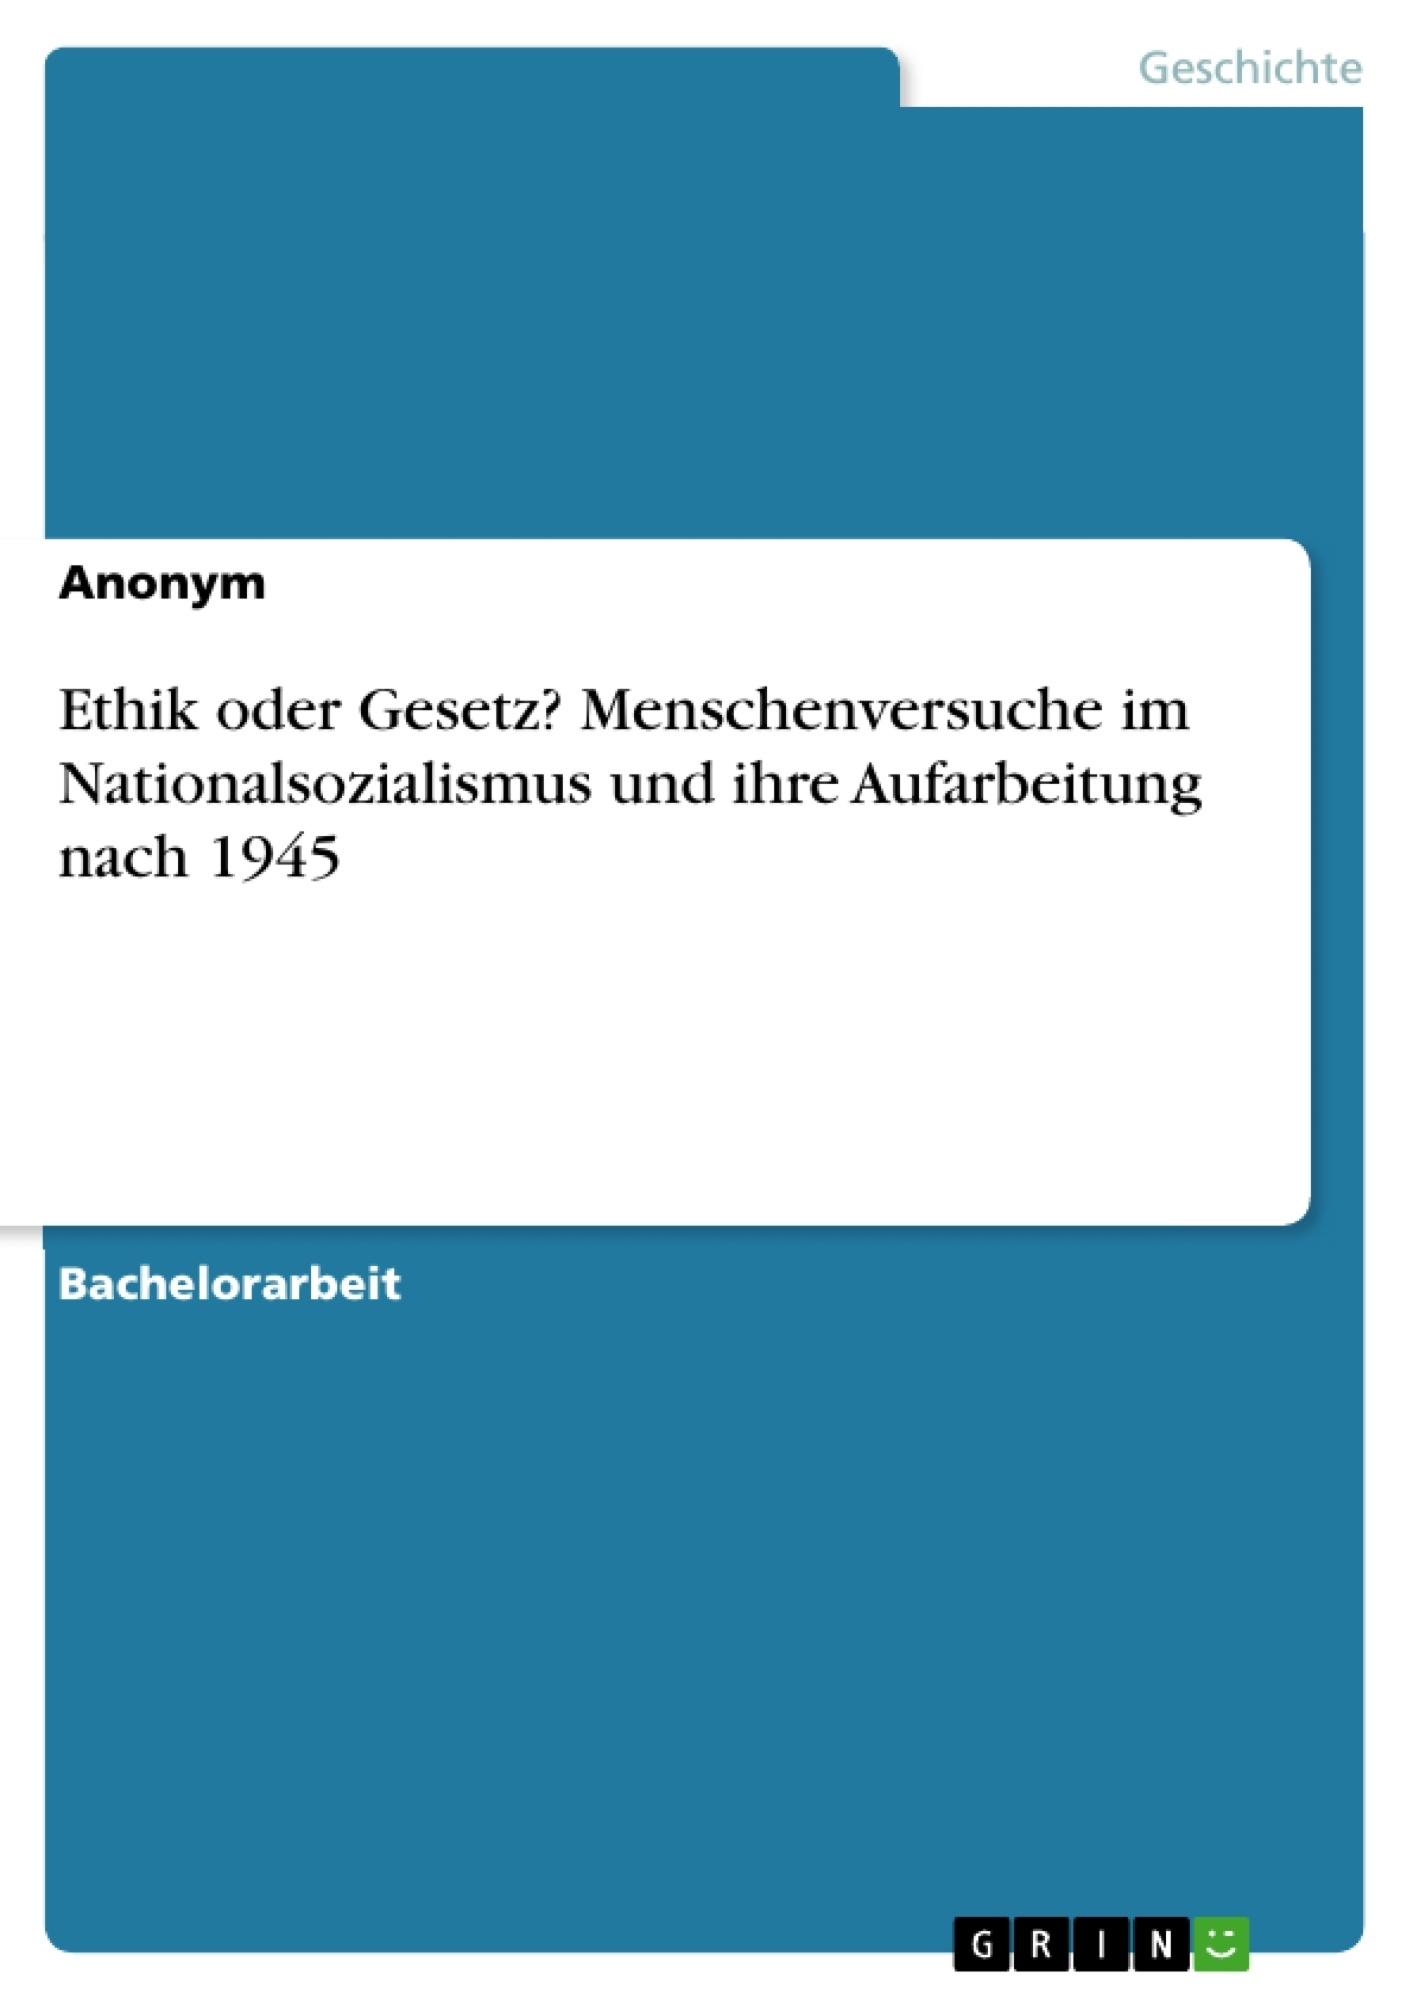 Titel: Ethik oder Gesetz? Menschenversuche im Nationalsozialismus und ihre Aufarbeitung nach 1945